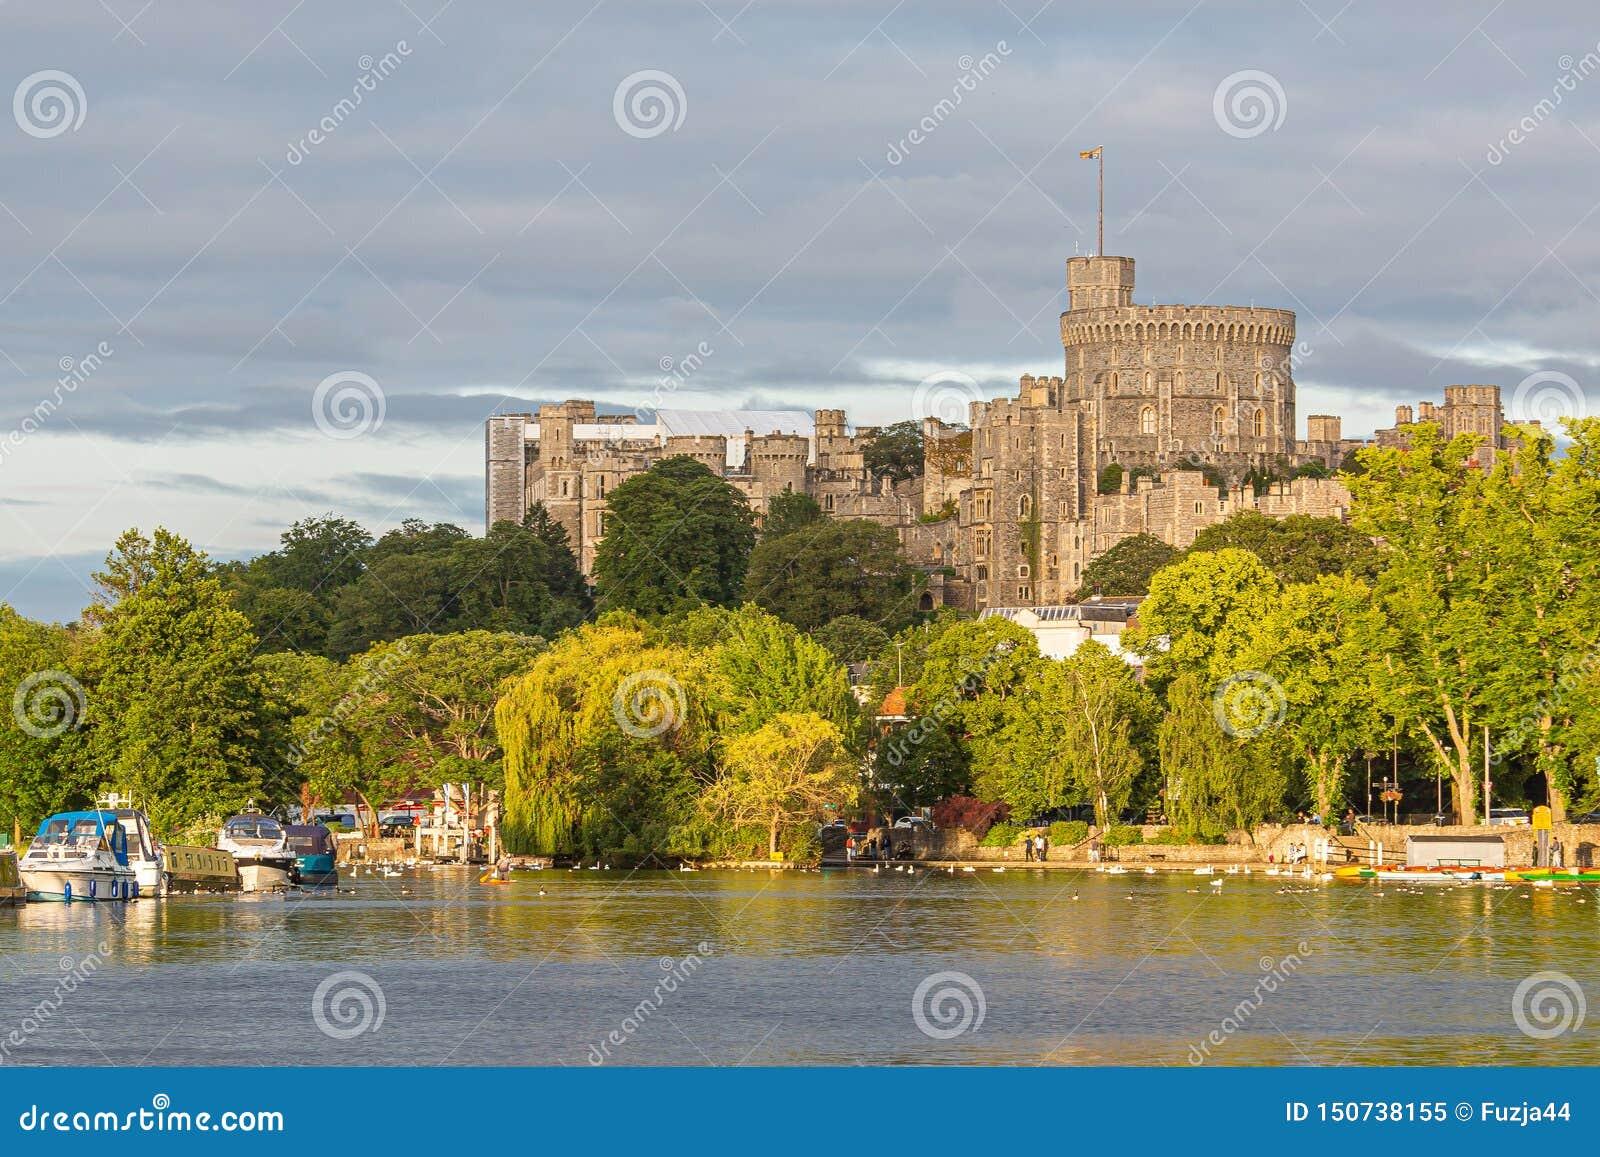 Замок Виндзор обозревая реку Темза, Англию